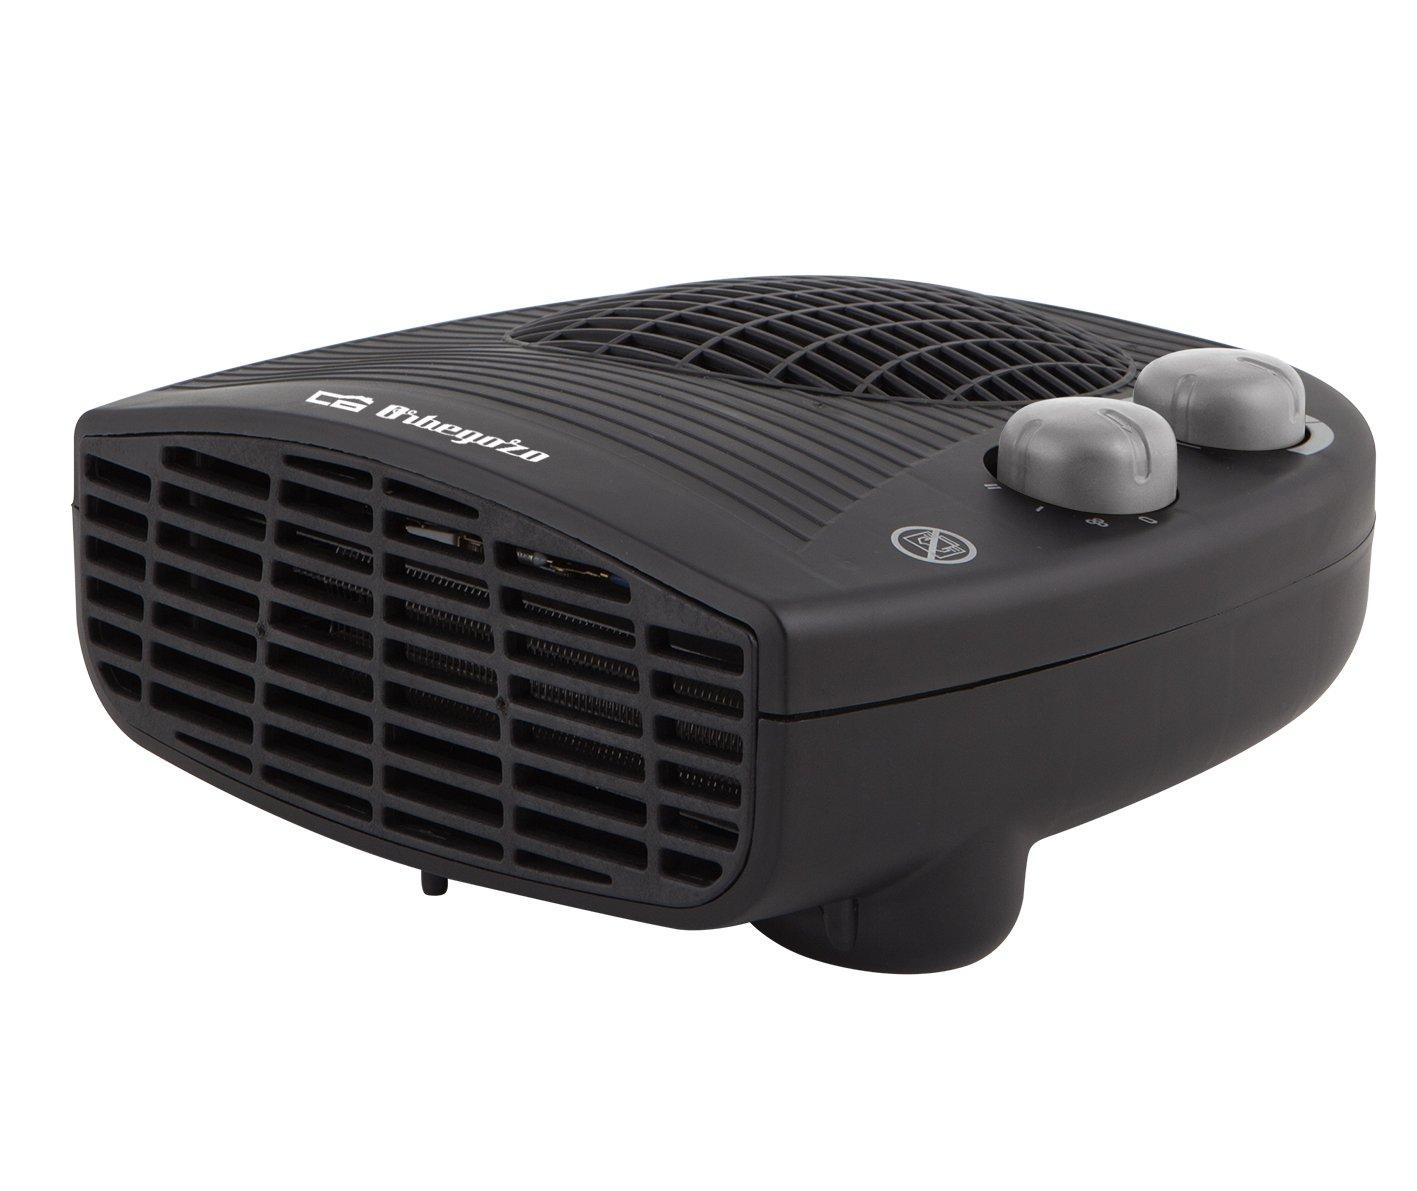 Orbegozo FH 5028 - Calefactor eléctrico con termostato ajustable, 2000 W de potencia, 2